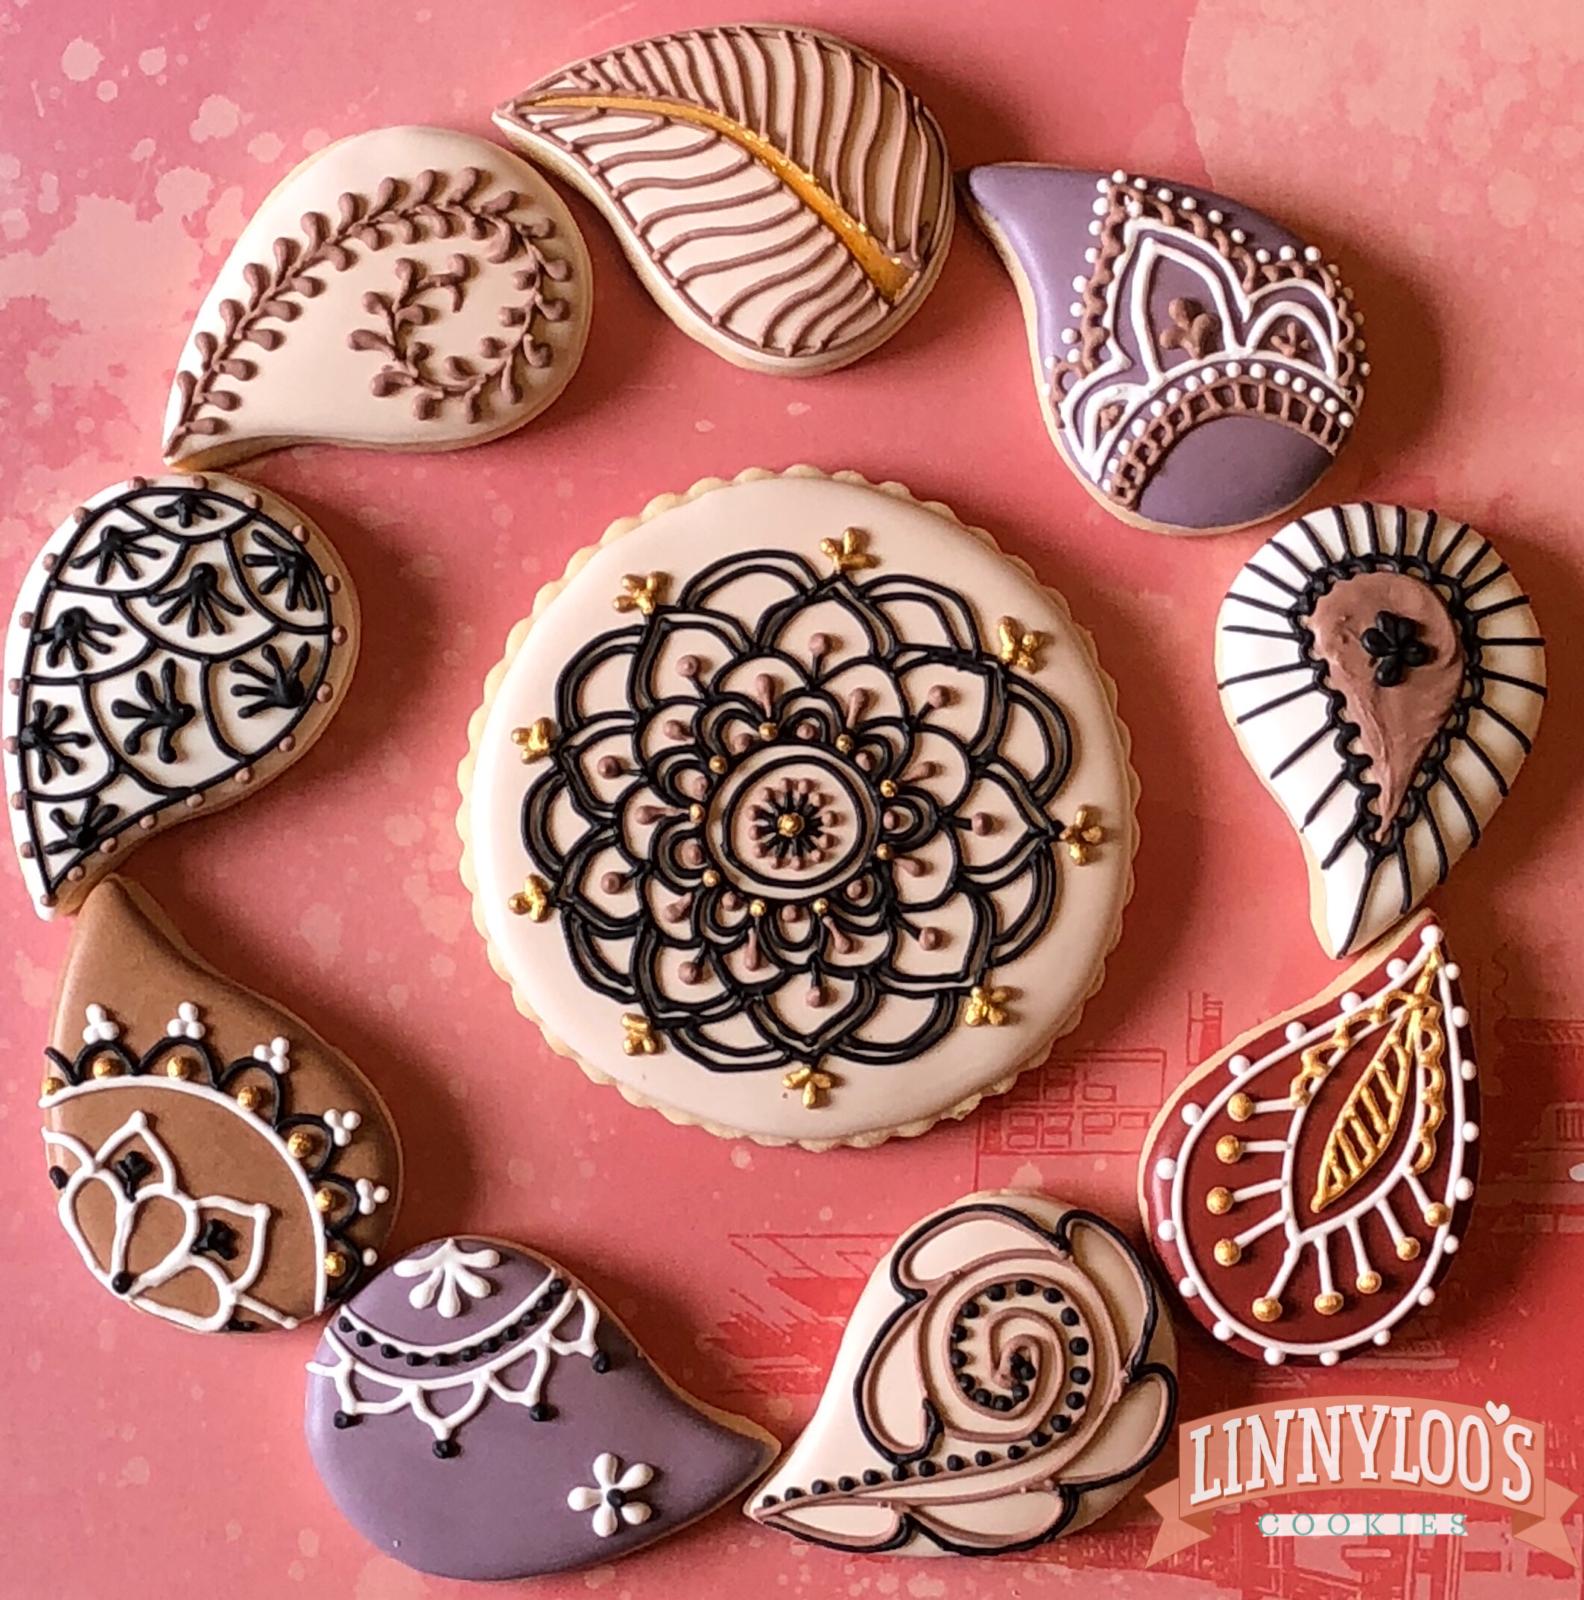 custom sugar cookies, decorated cookies. Linnyloo's cookies